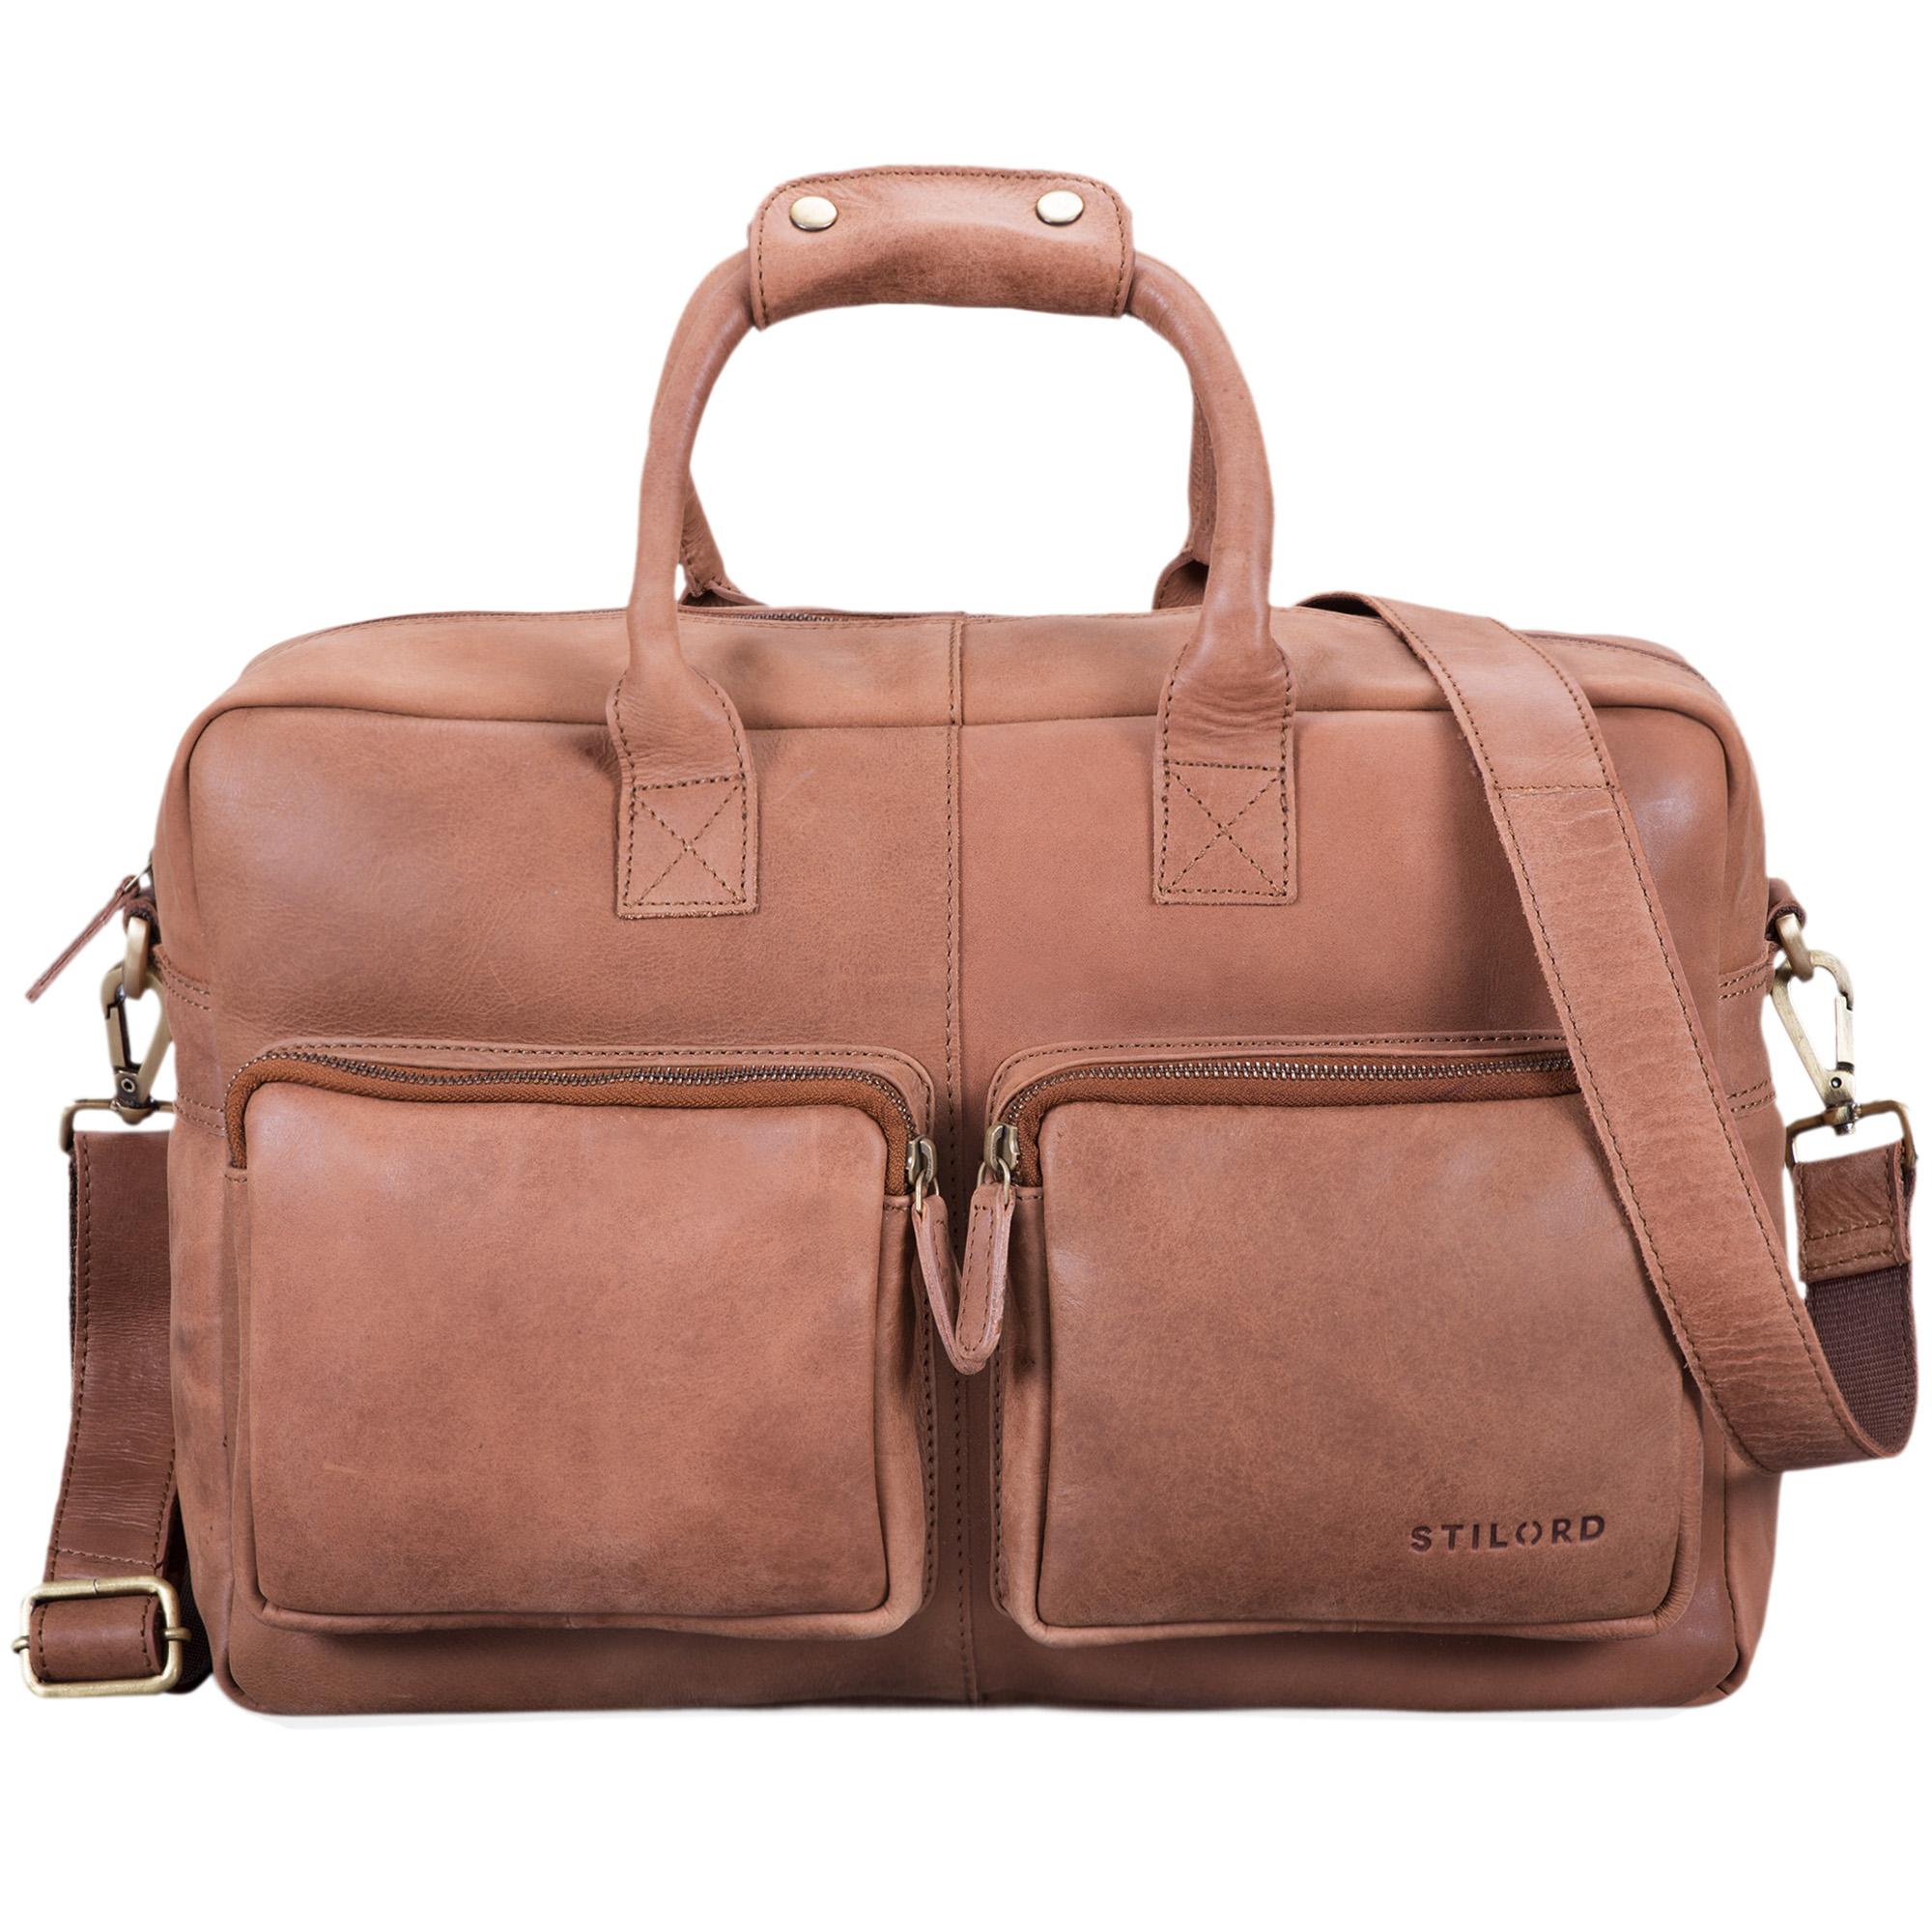 """STILORD """"Henri"""" Bürotasche Leder 15,6 Zoll Vintage Laptop Aktentasche Businesstasche Umhängetasche Lehrertasche Büffelleder - Bild 21"""